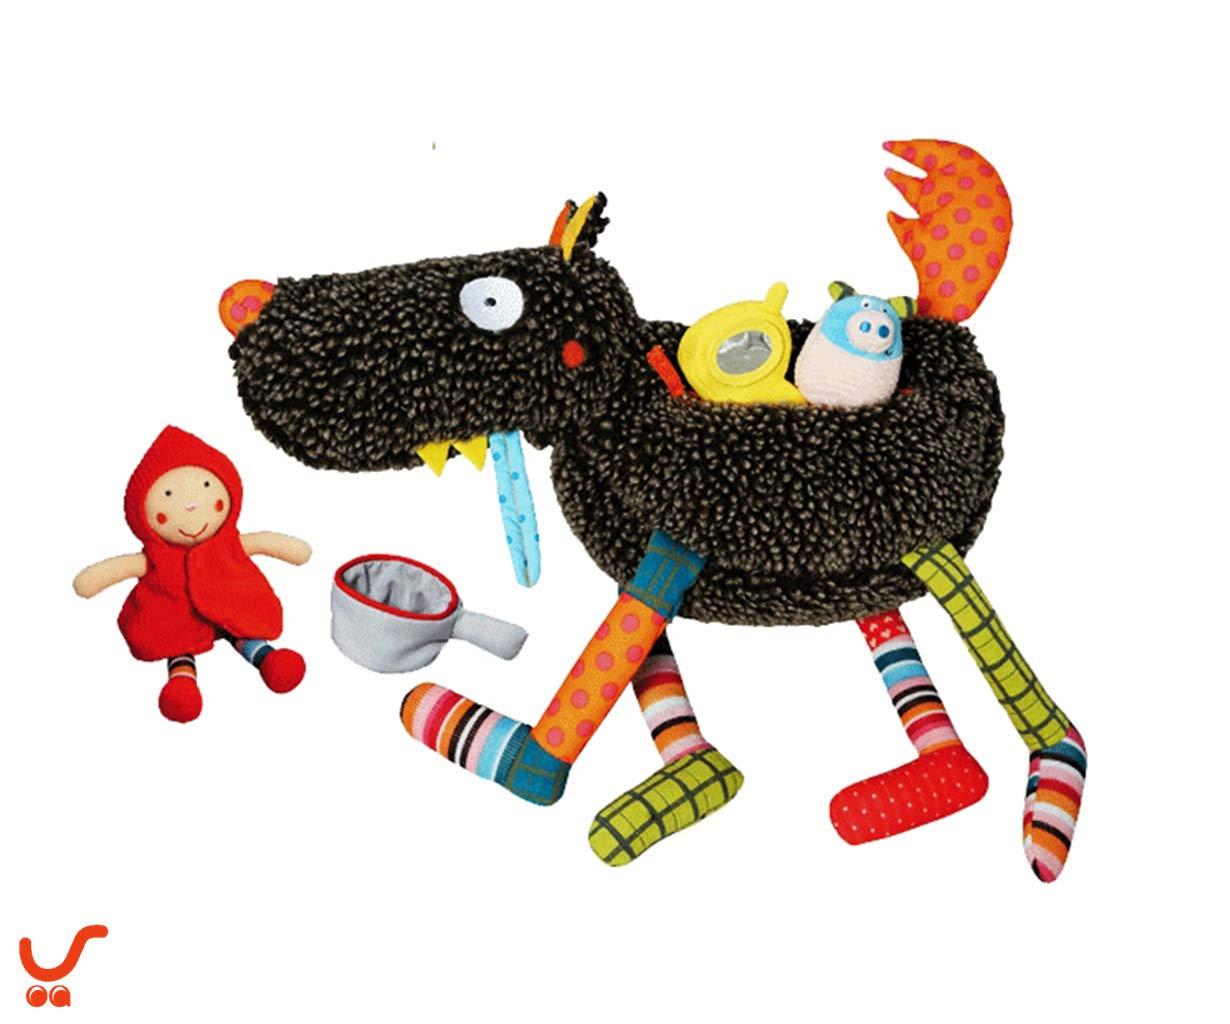 【エブロボ ] Ebulobo Crazy Wolf LouLoup&4 Toys, おおかみルールーぬいぐるみセットE10001 , フランスの高級品ベビードール[並行輸入品]-JOALIST   B07THWHT6T